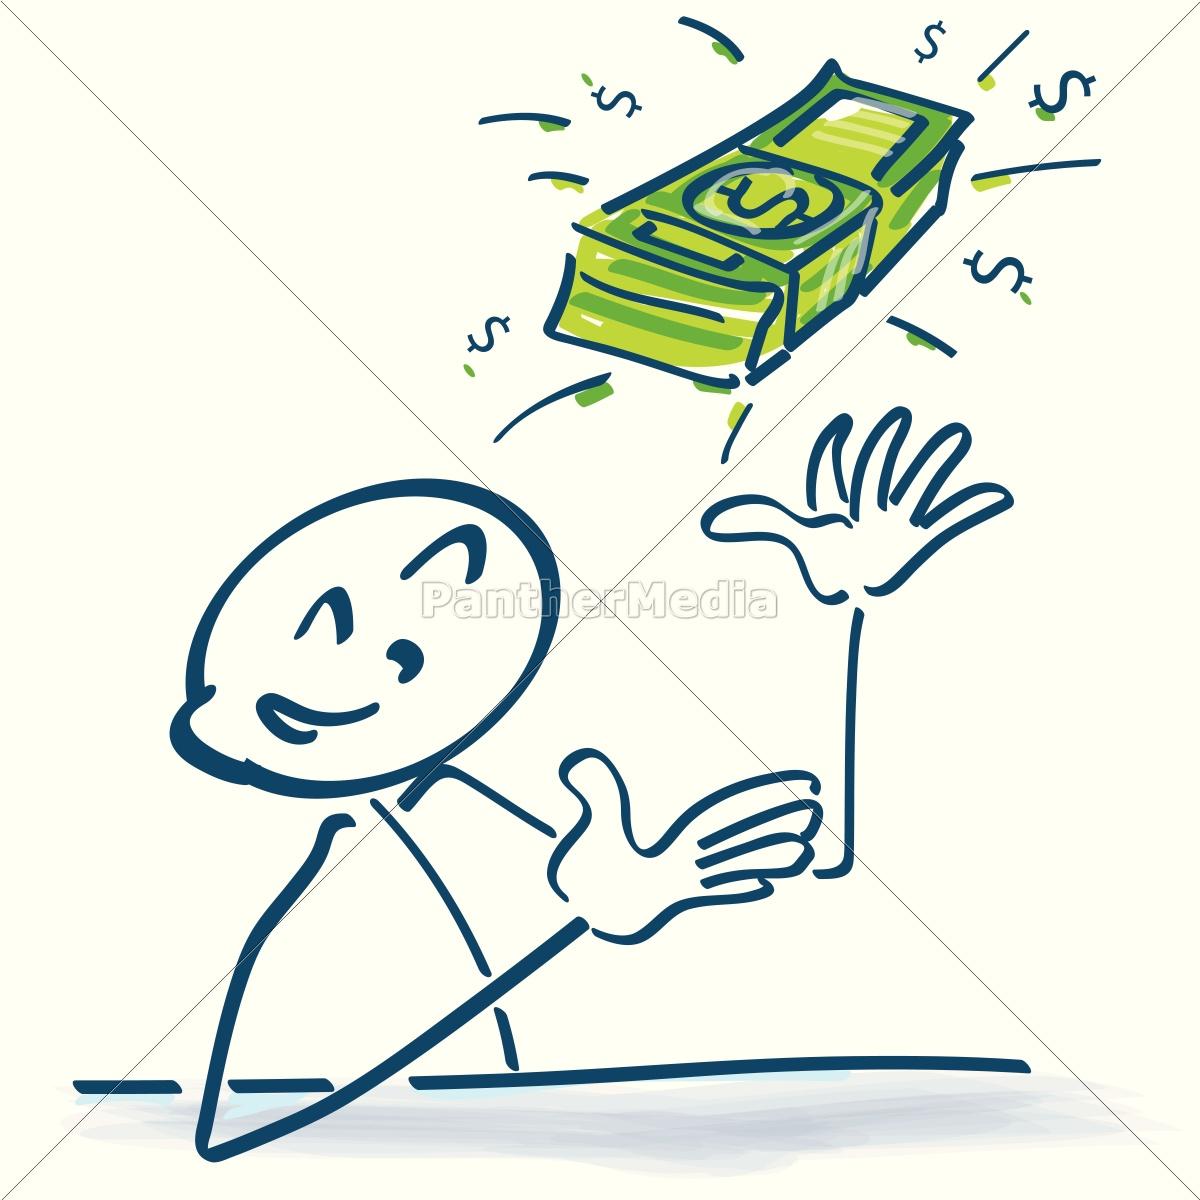 Strichmännchen mit Dollarscheinen - Stockfoto - #14772543 ...